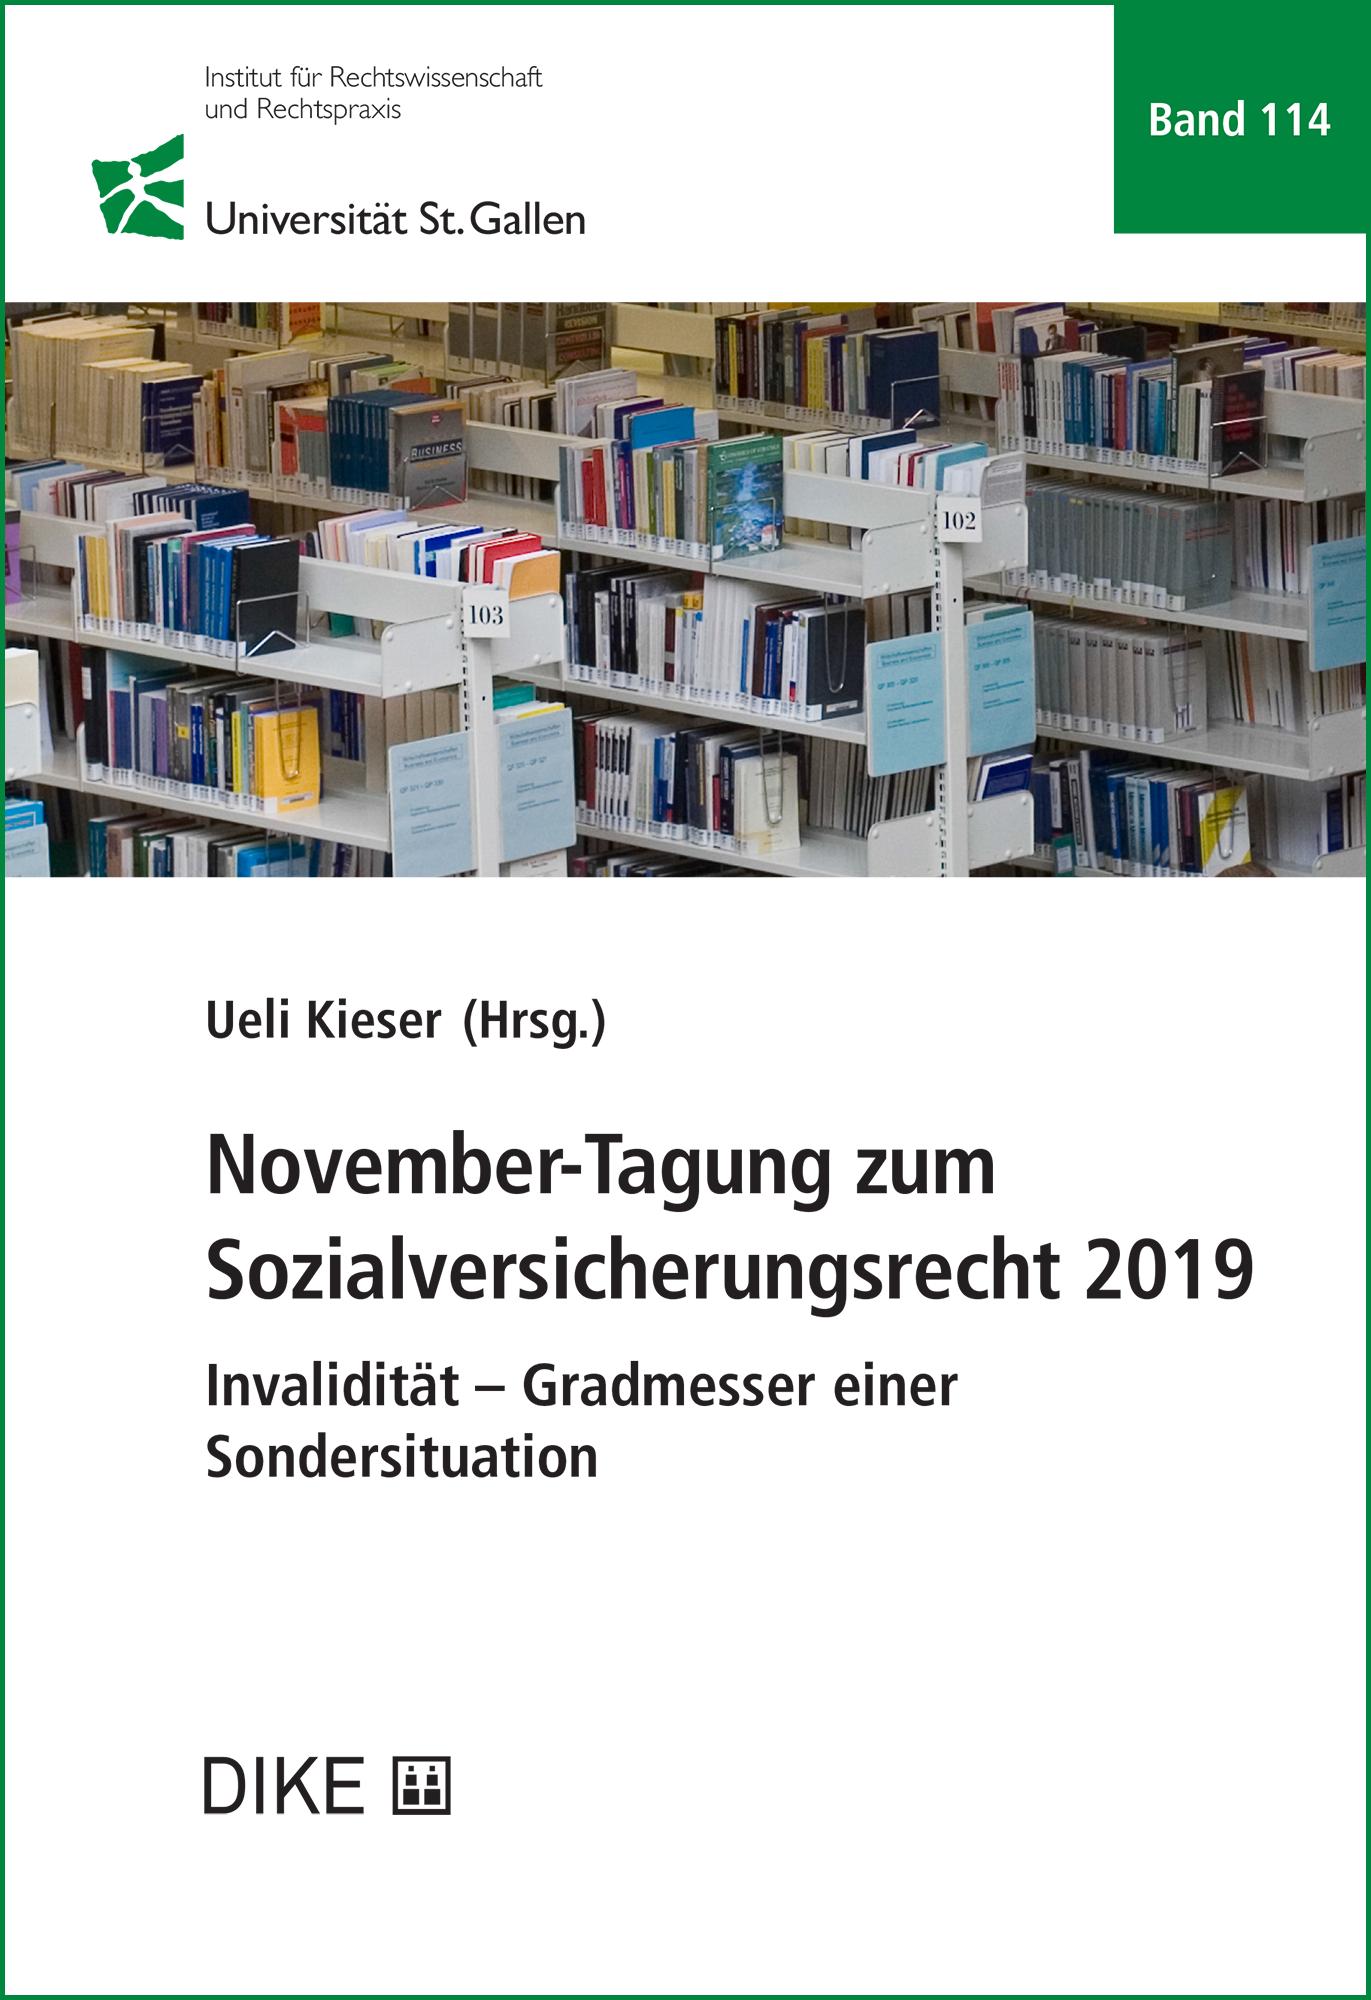 November-Tagung zum Sozialversicherungsrecht 2019